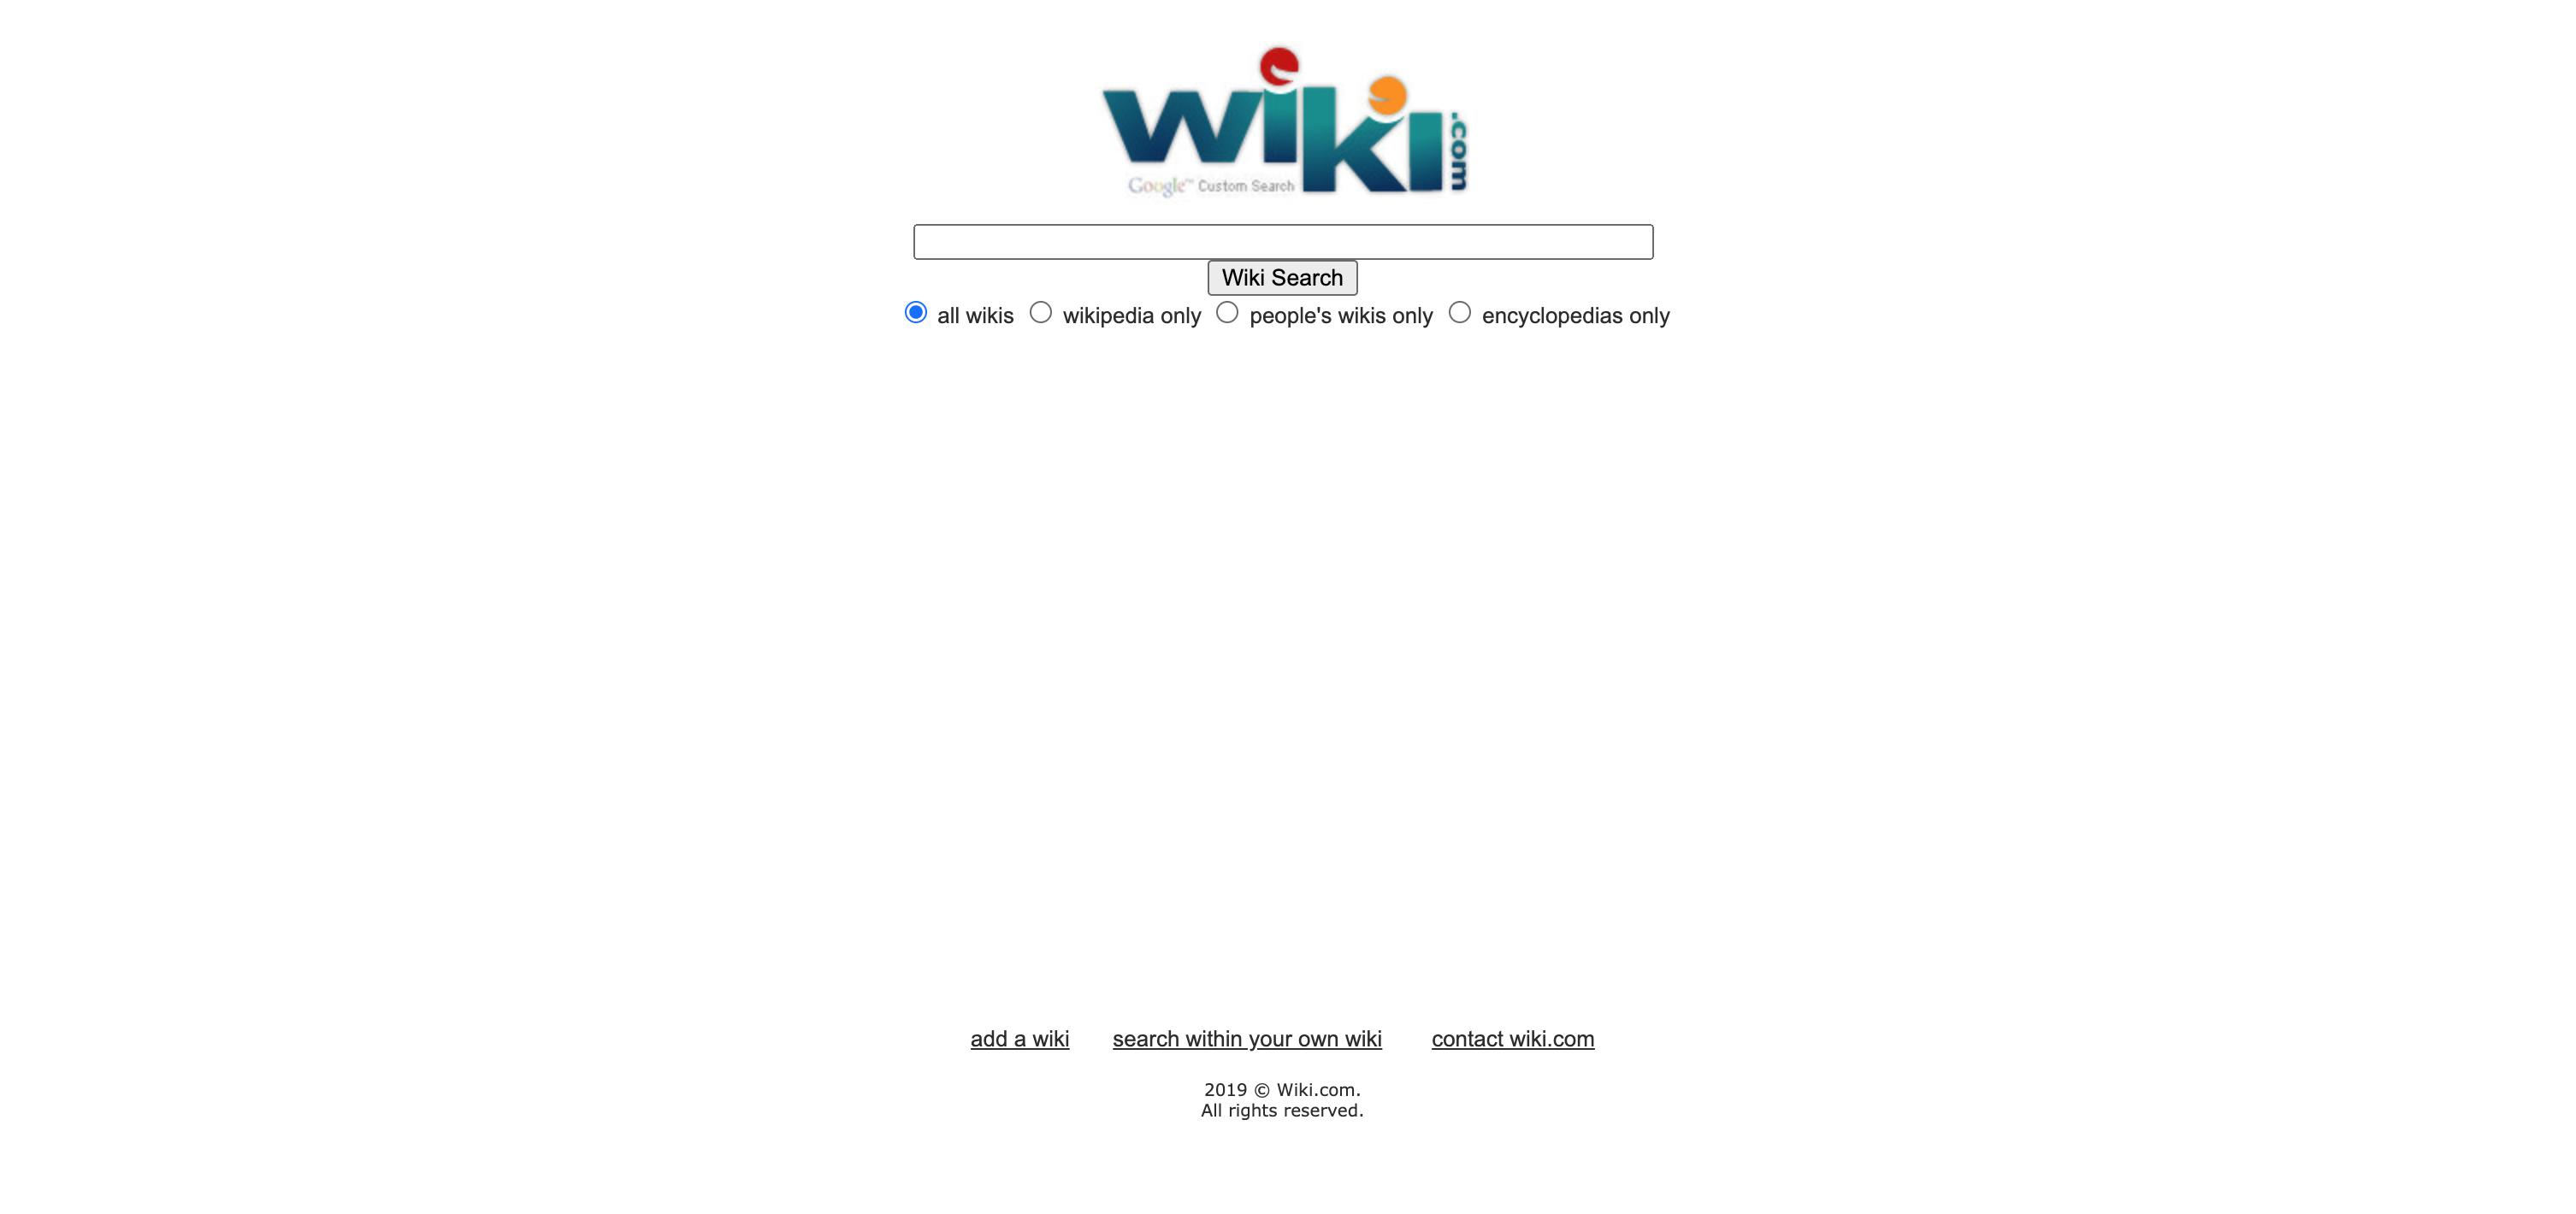 wiki.com